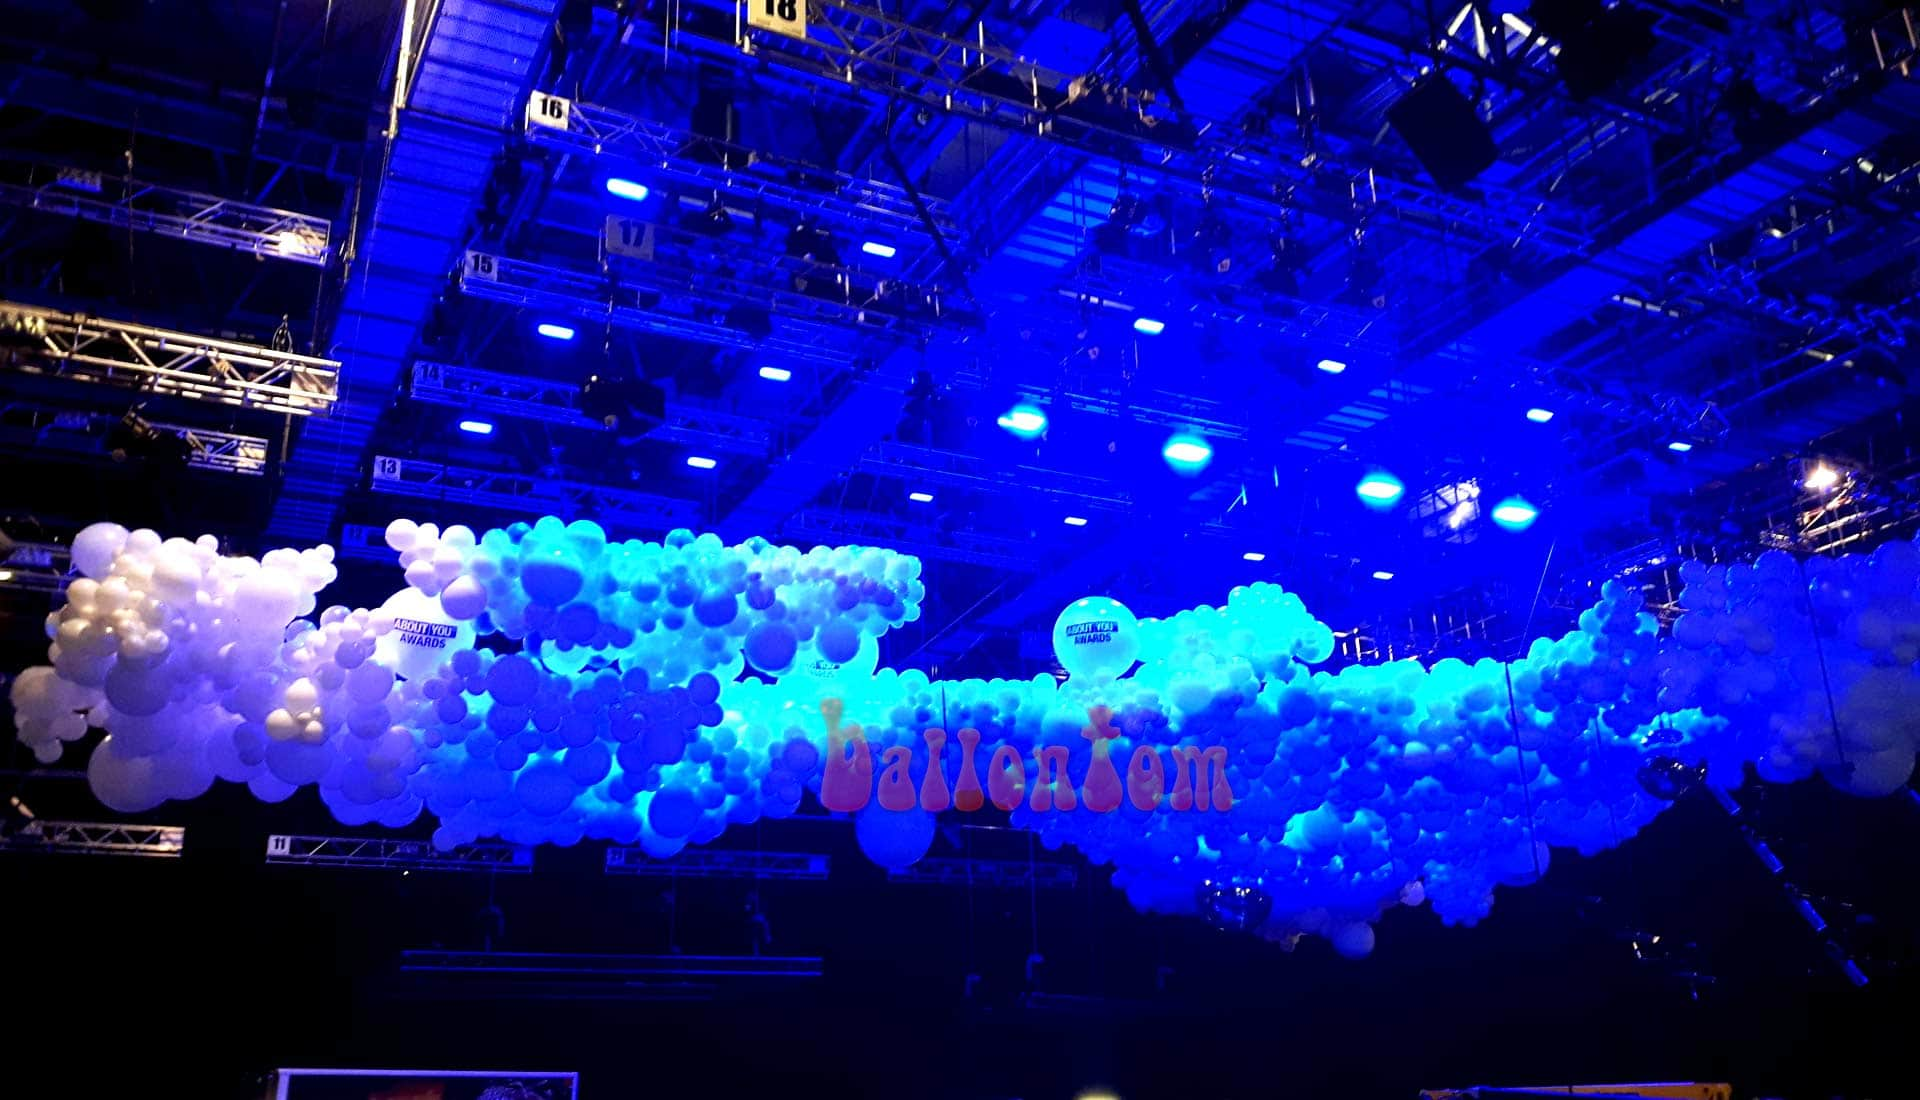 Ballooncloud About You Awards in München im Auftrag von Pittsballoon - Unterstützt durch ballontom